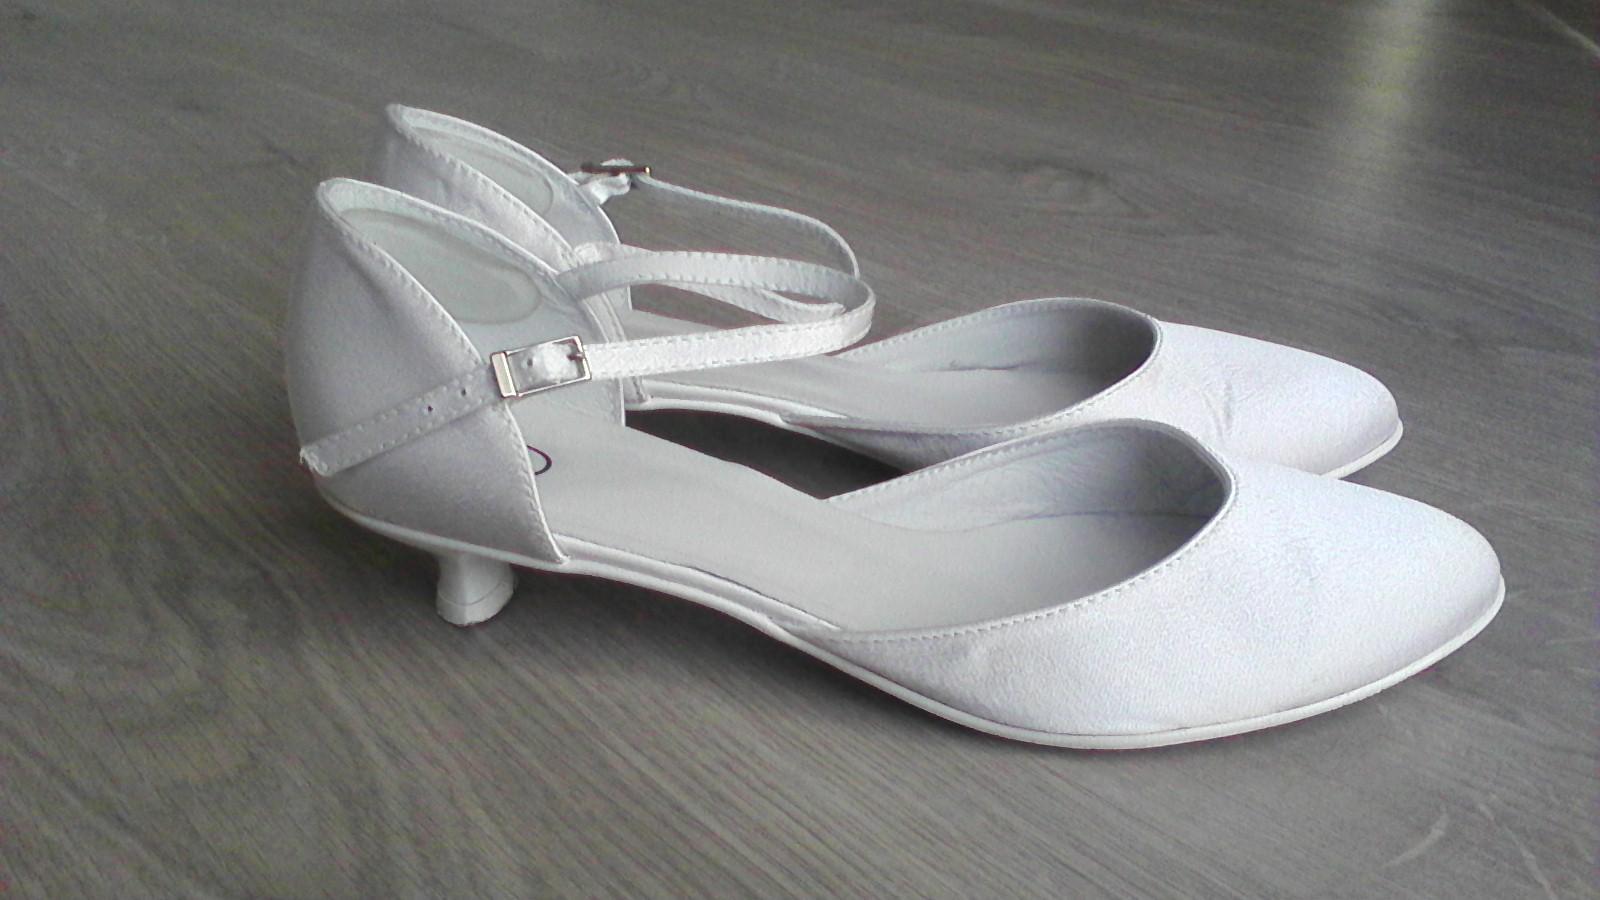 d34184e0df9 Svatební boty witt - 41